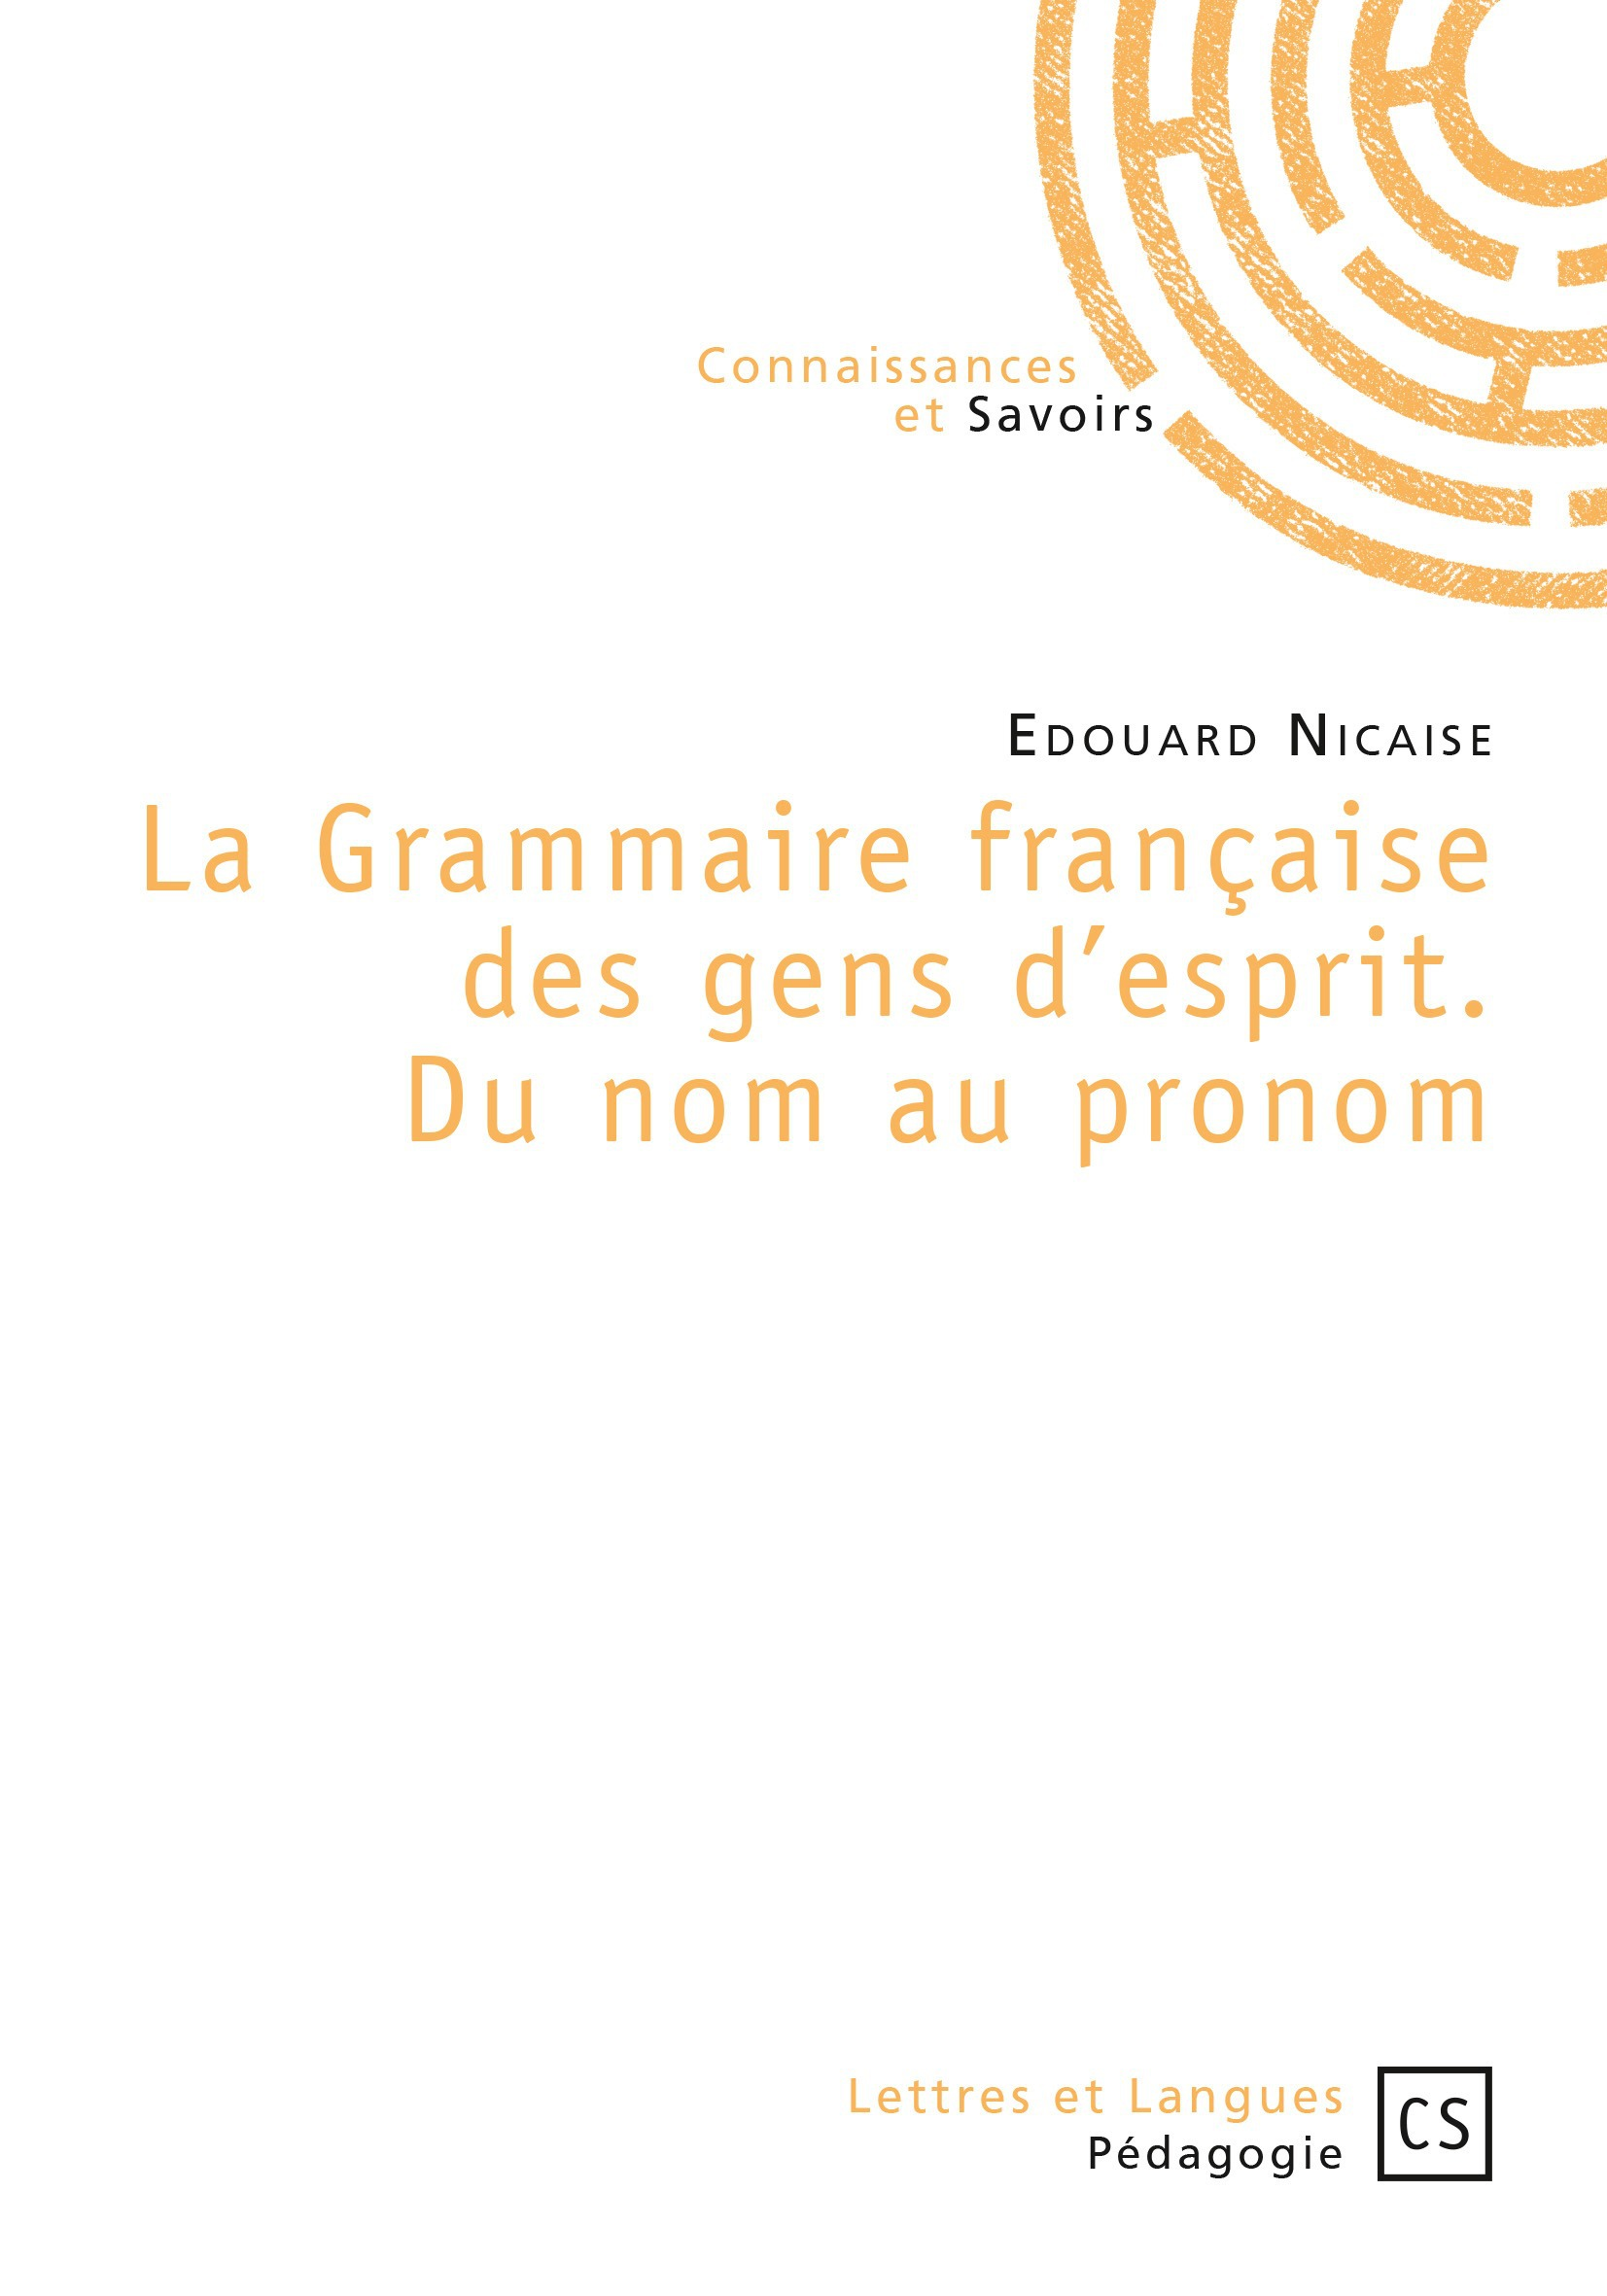 Edouard Nicaise La Grammaire française des gens d'esprit. Du nom au pronom